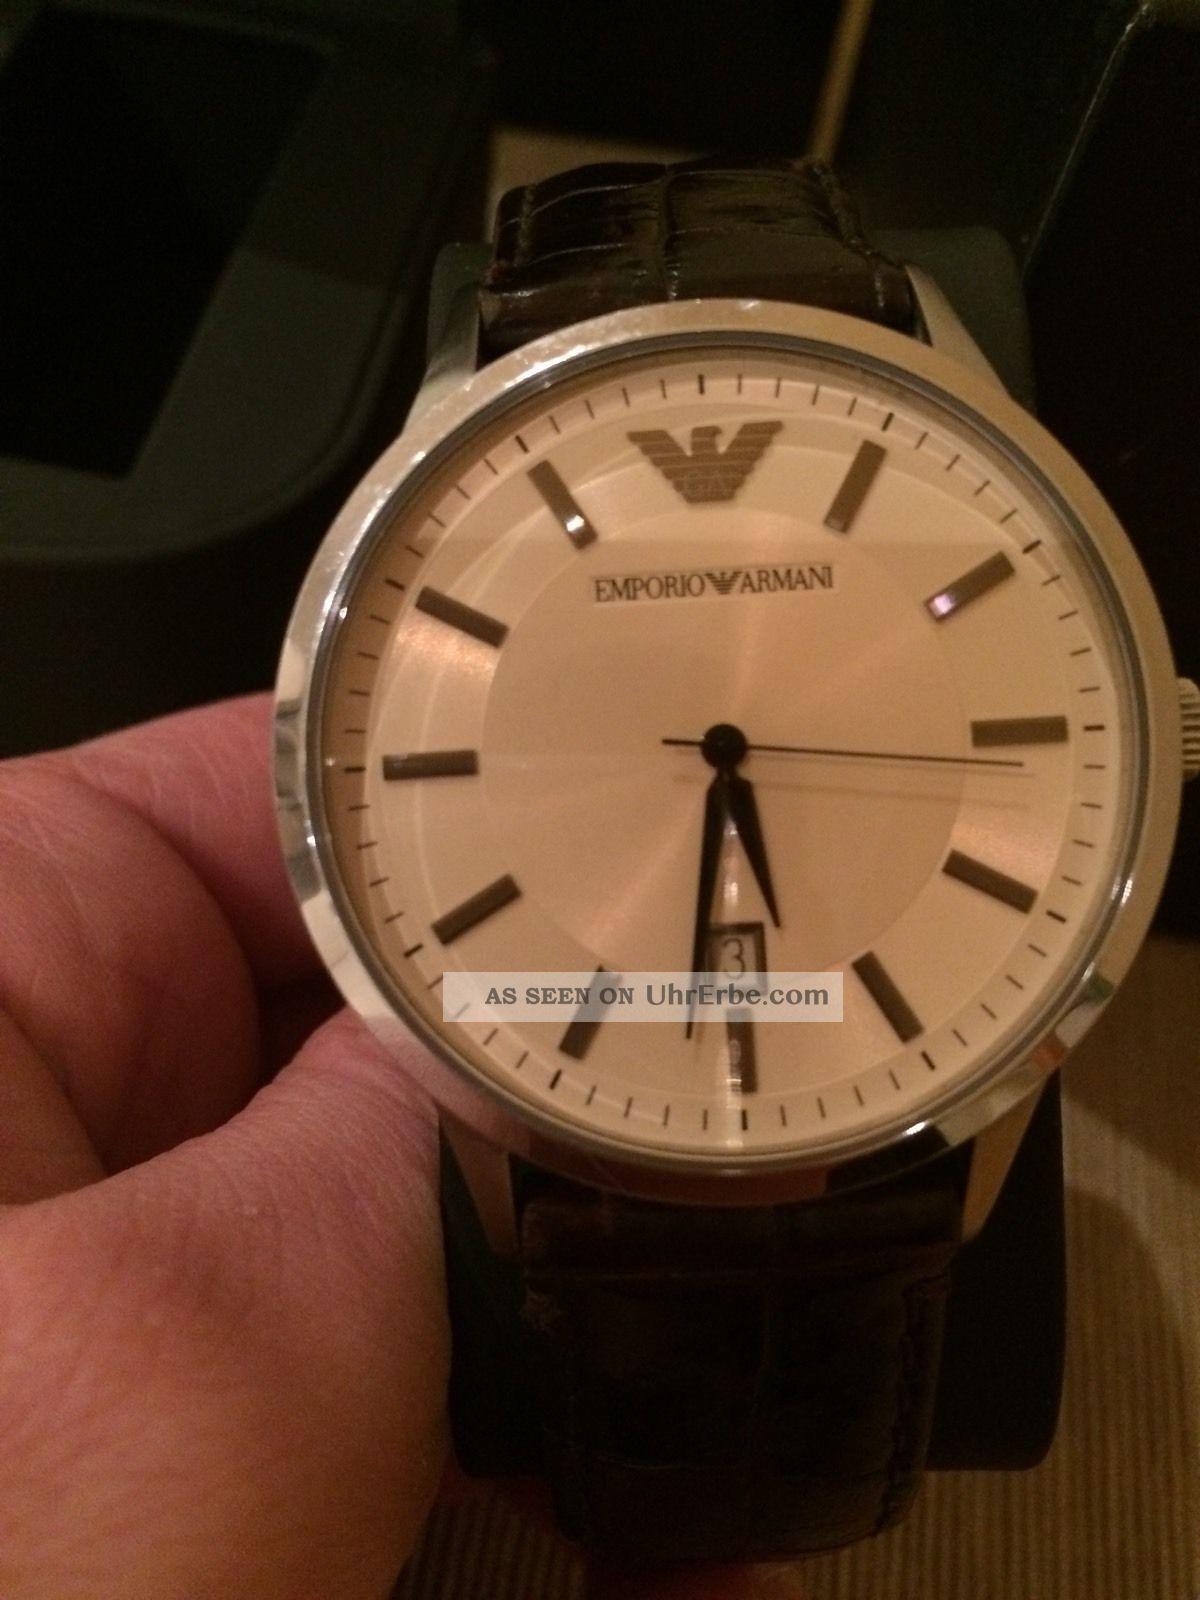 Emporio Armani Herrenuhr Armbanduhren Bild